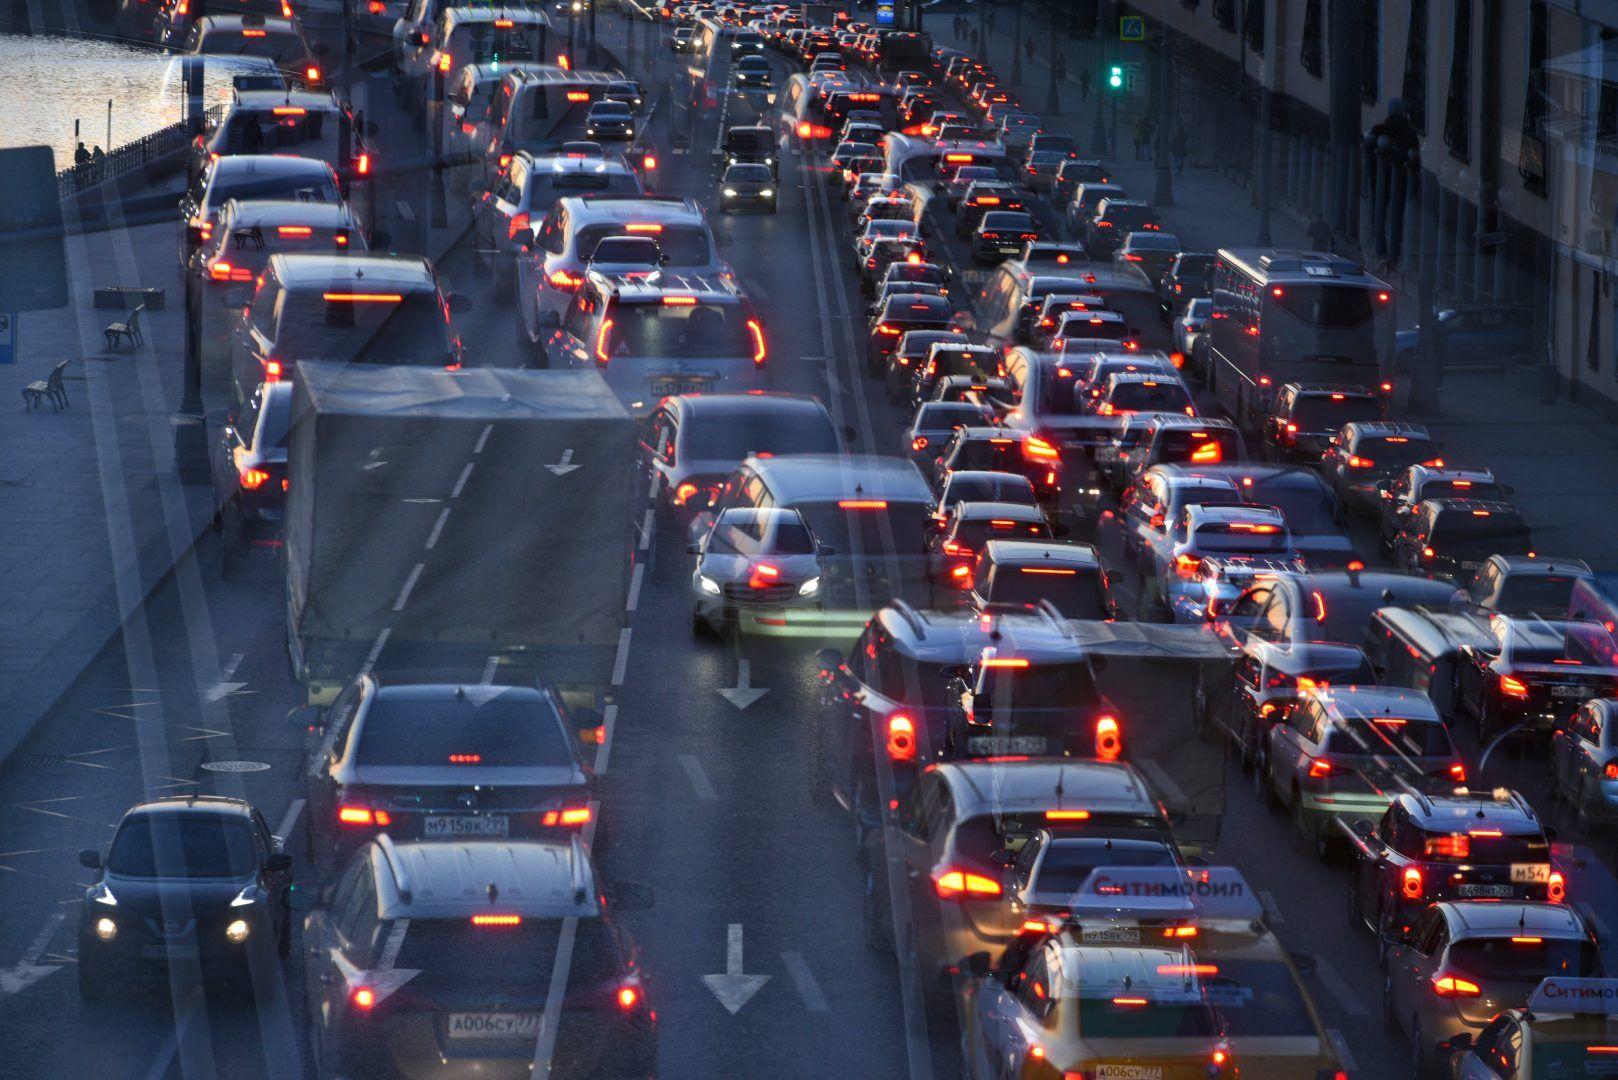 В столице ожидается осложнение дорожной ситуации. Фото: Александр Кожохин